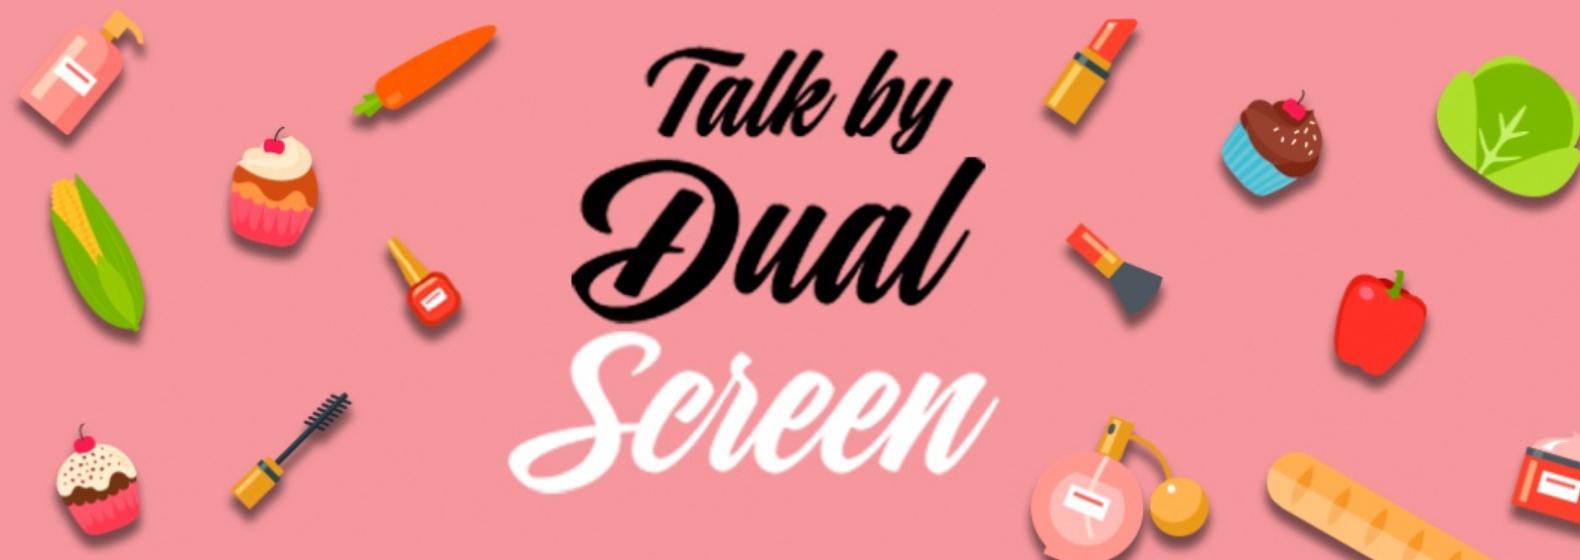 talk-2.jpg